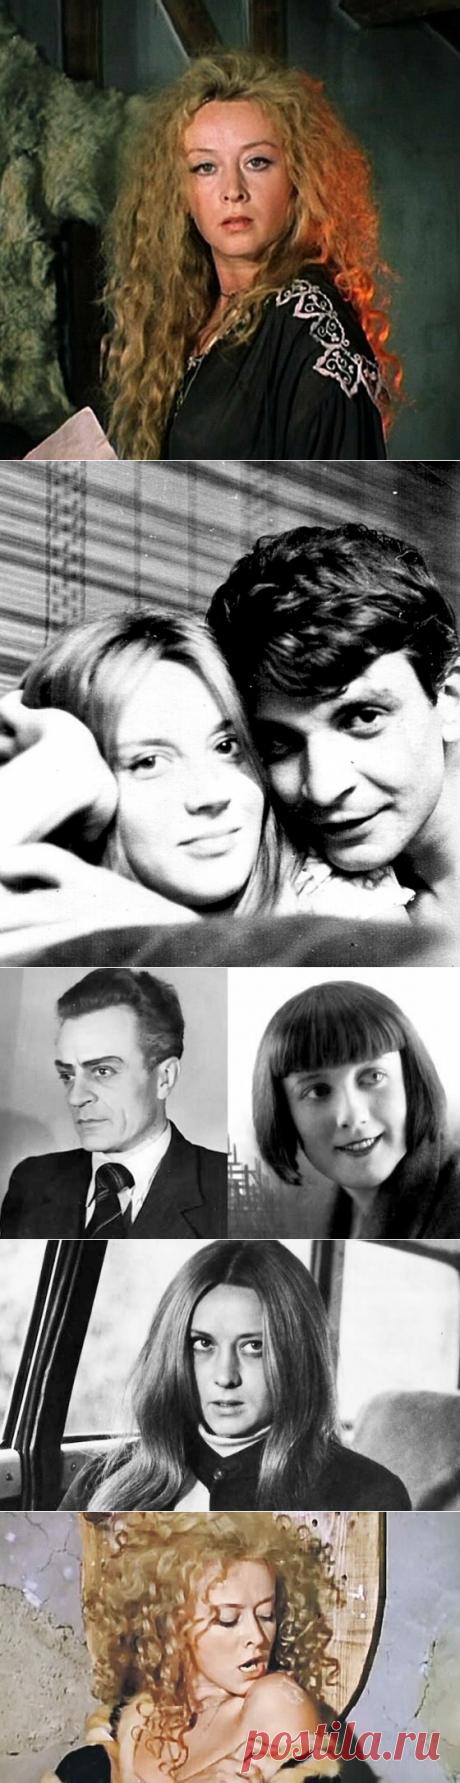 Маргарита Терехова:история жизни и страшная болезнь актрисы | 🌧️Шепот дождя🌧️ | Яндекс Дзен